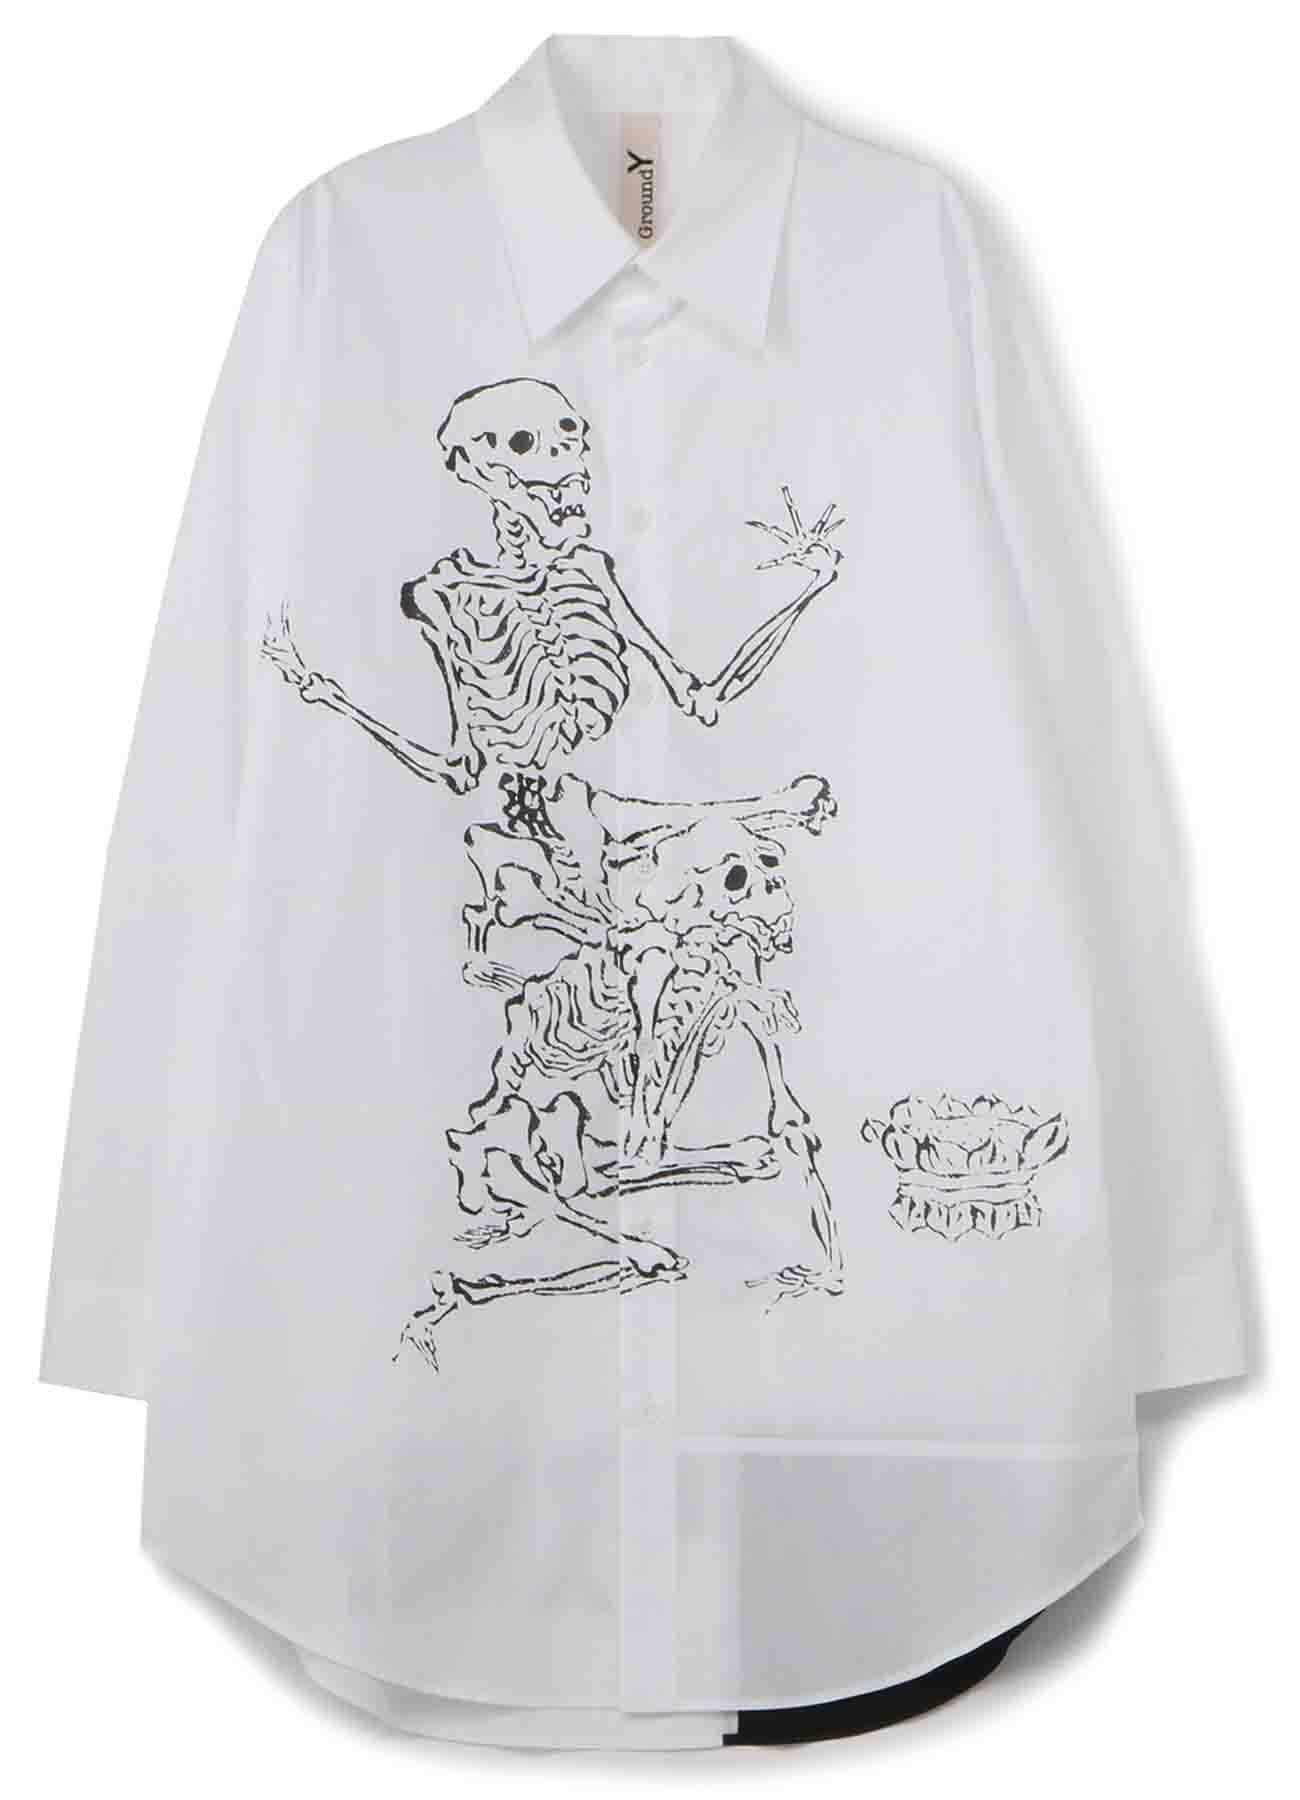 GroundY × 河锅晓斎 联名款衬衫